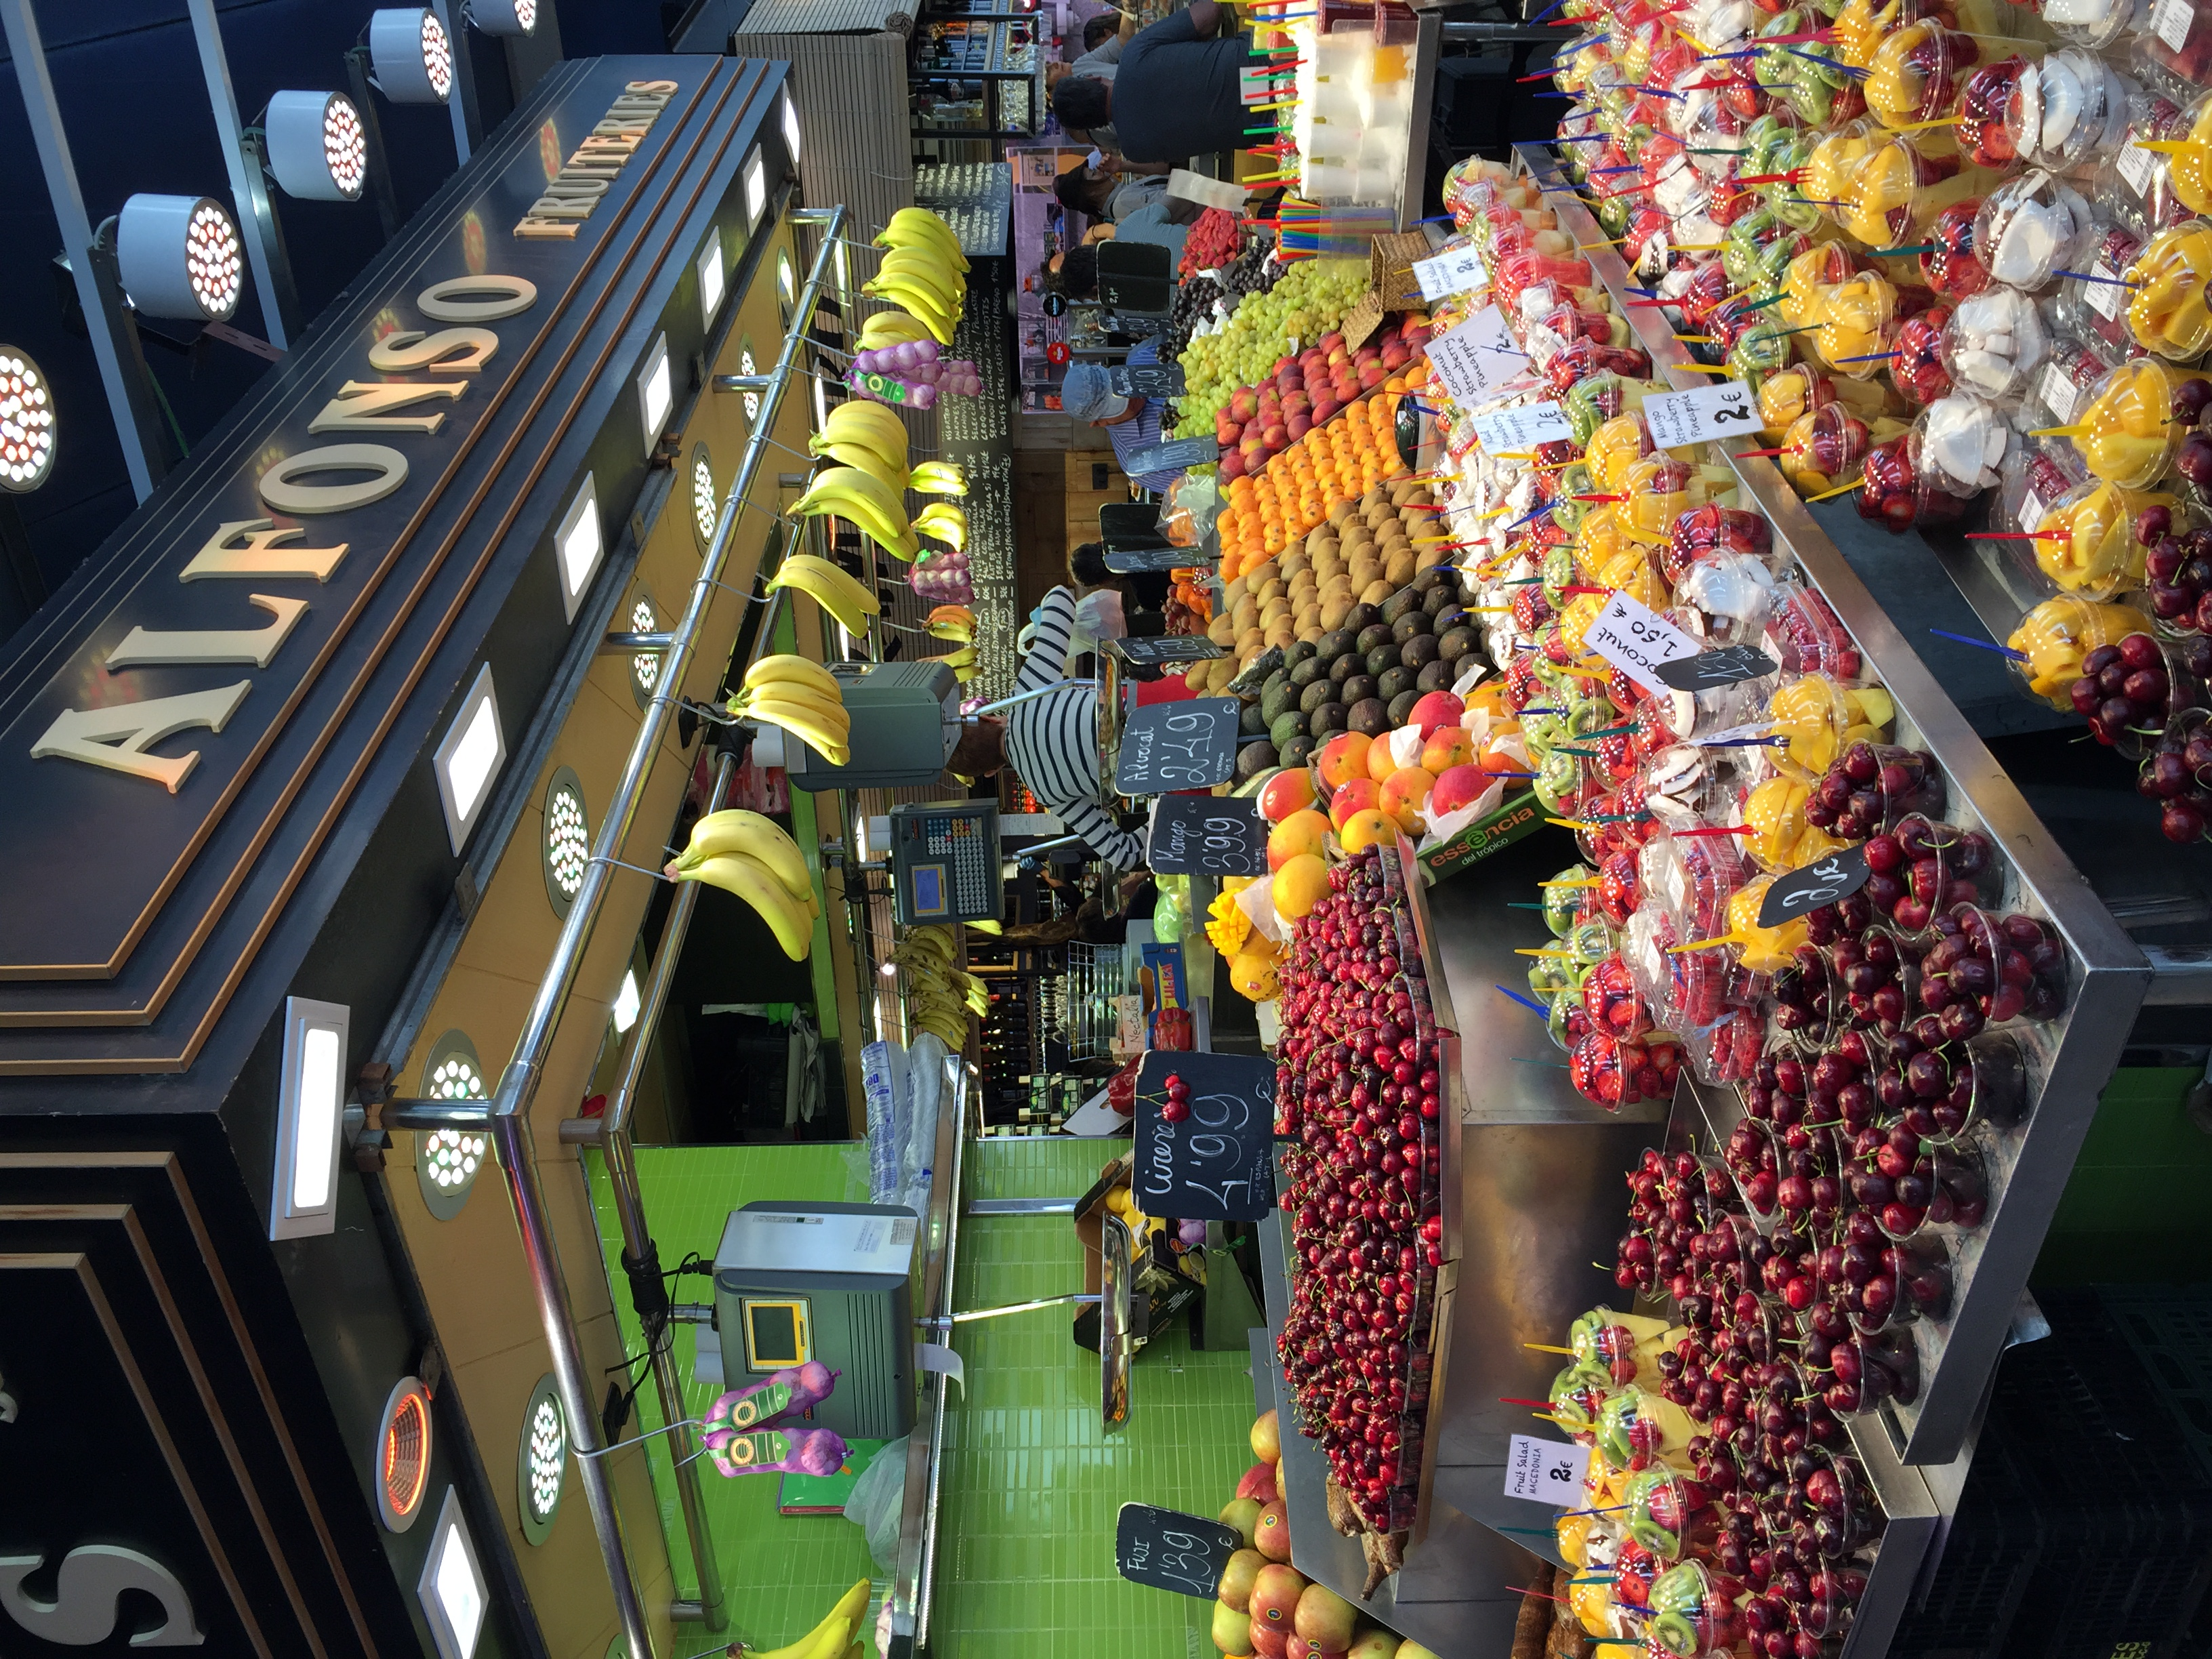 Colors at La Boquería.